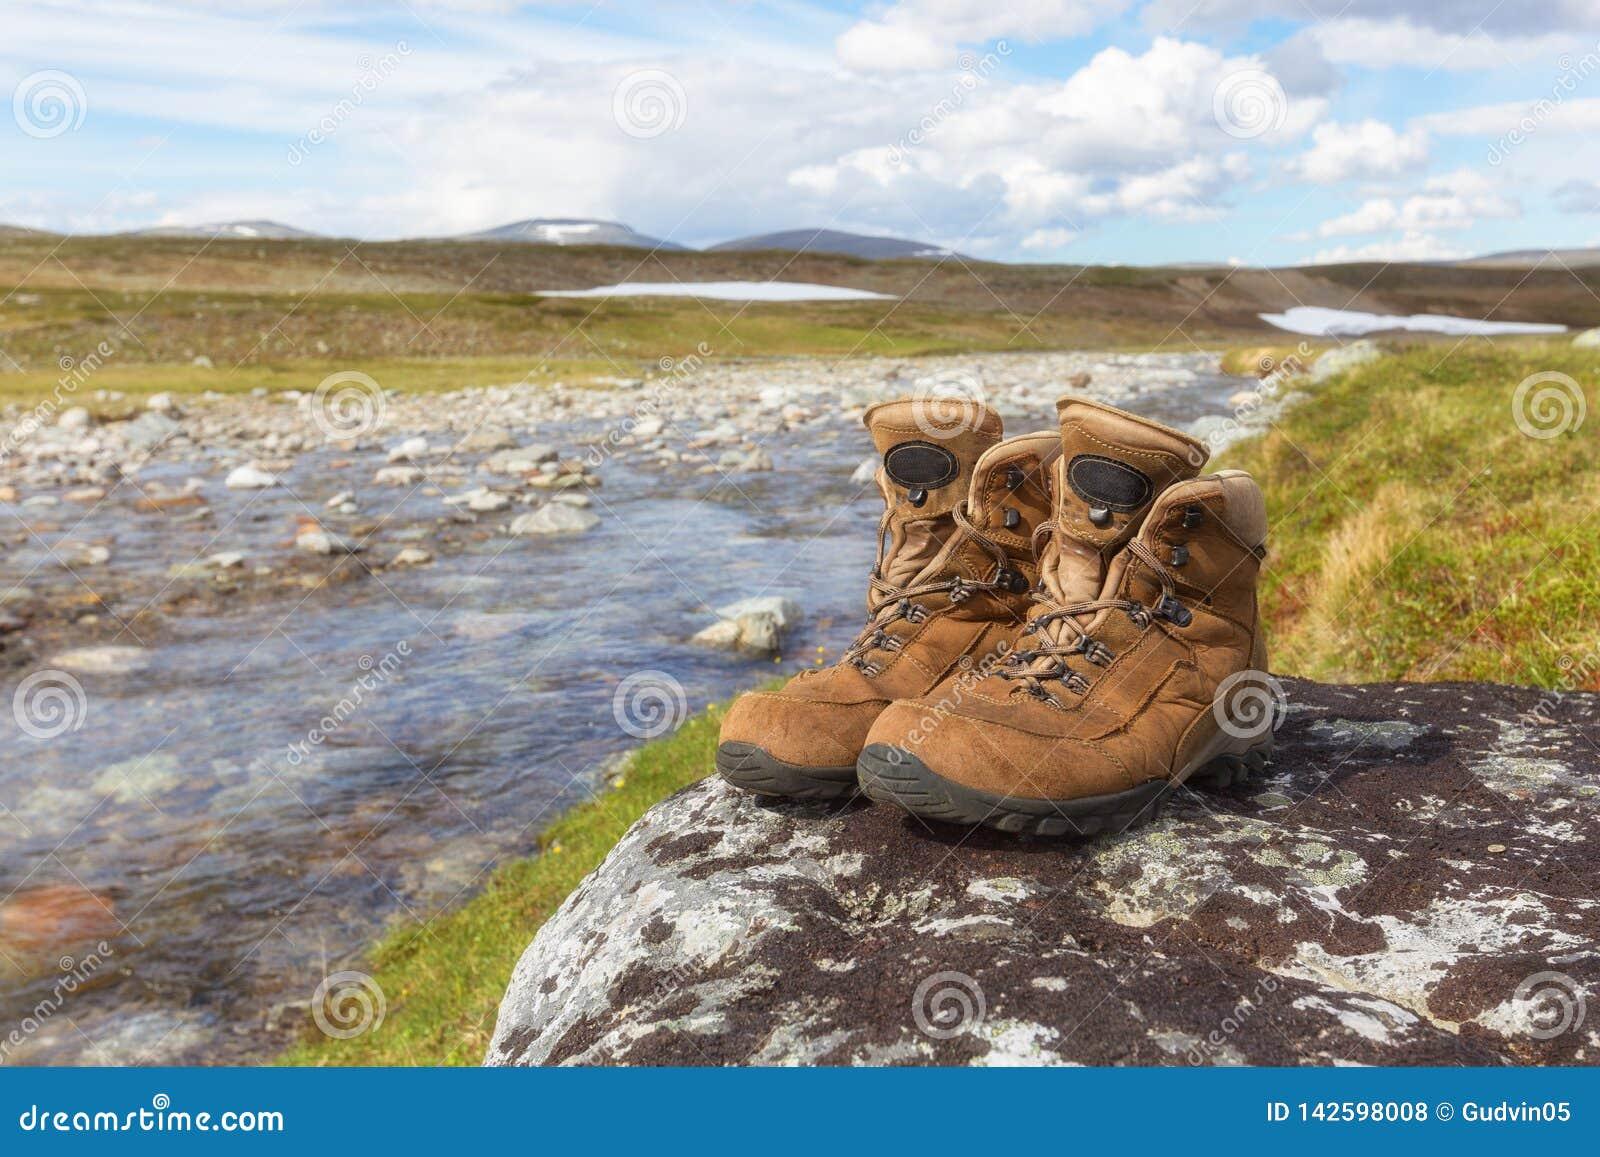 Fotvandra vaggar skor av en fotvandrare på